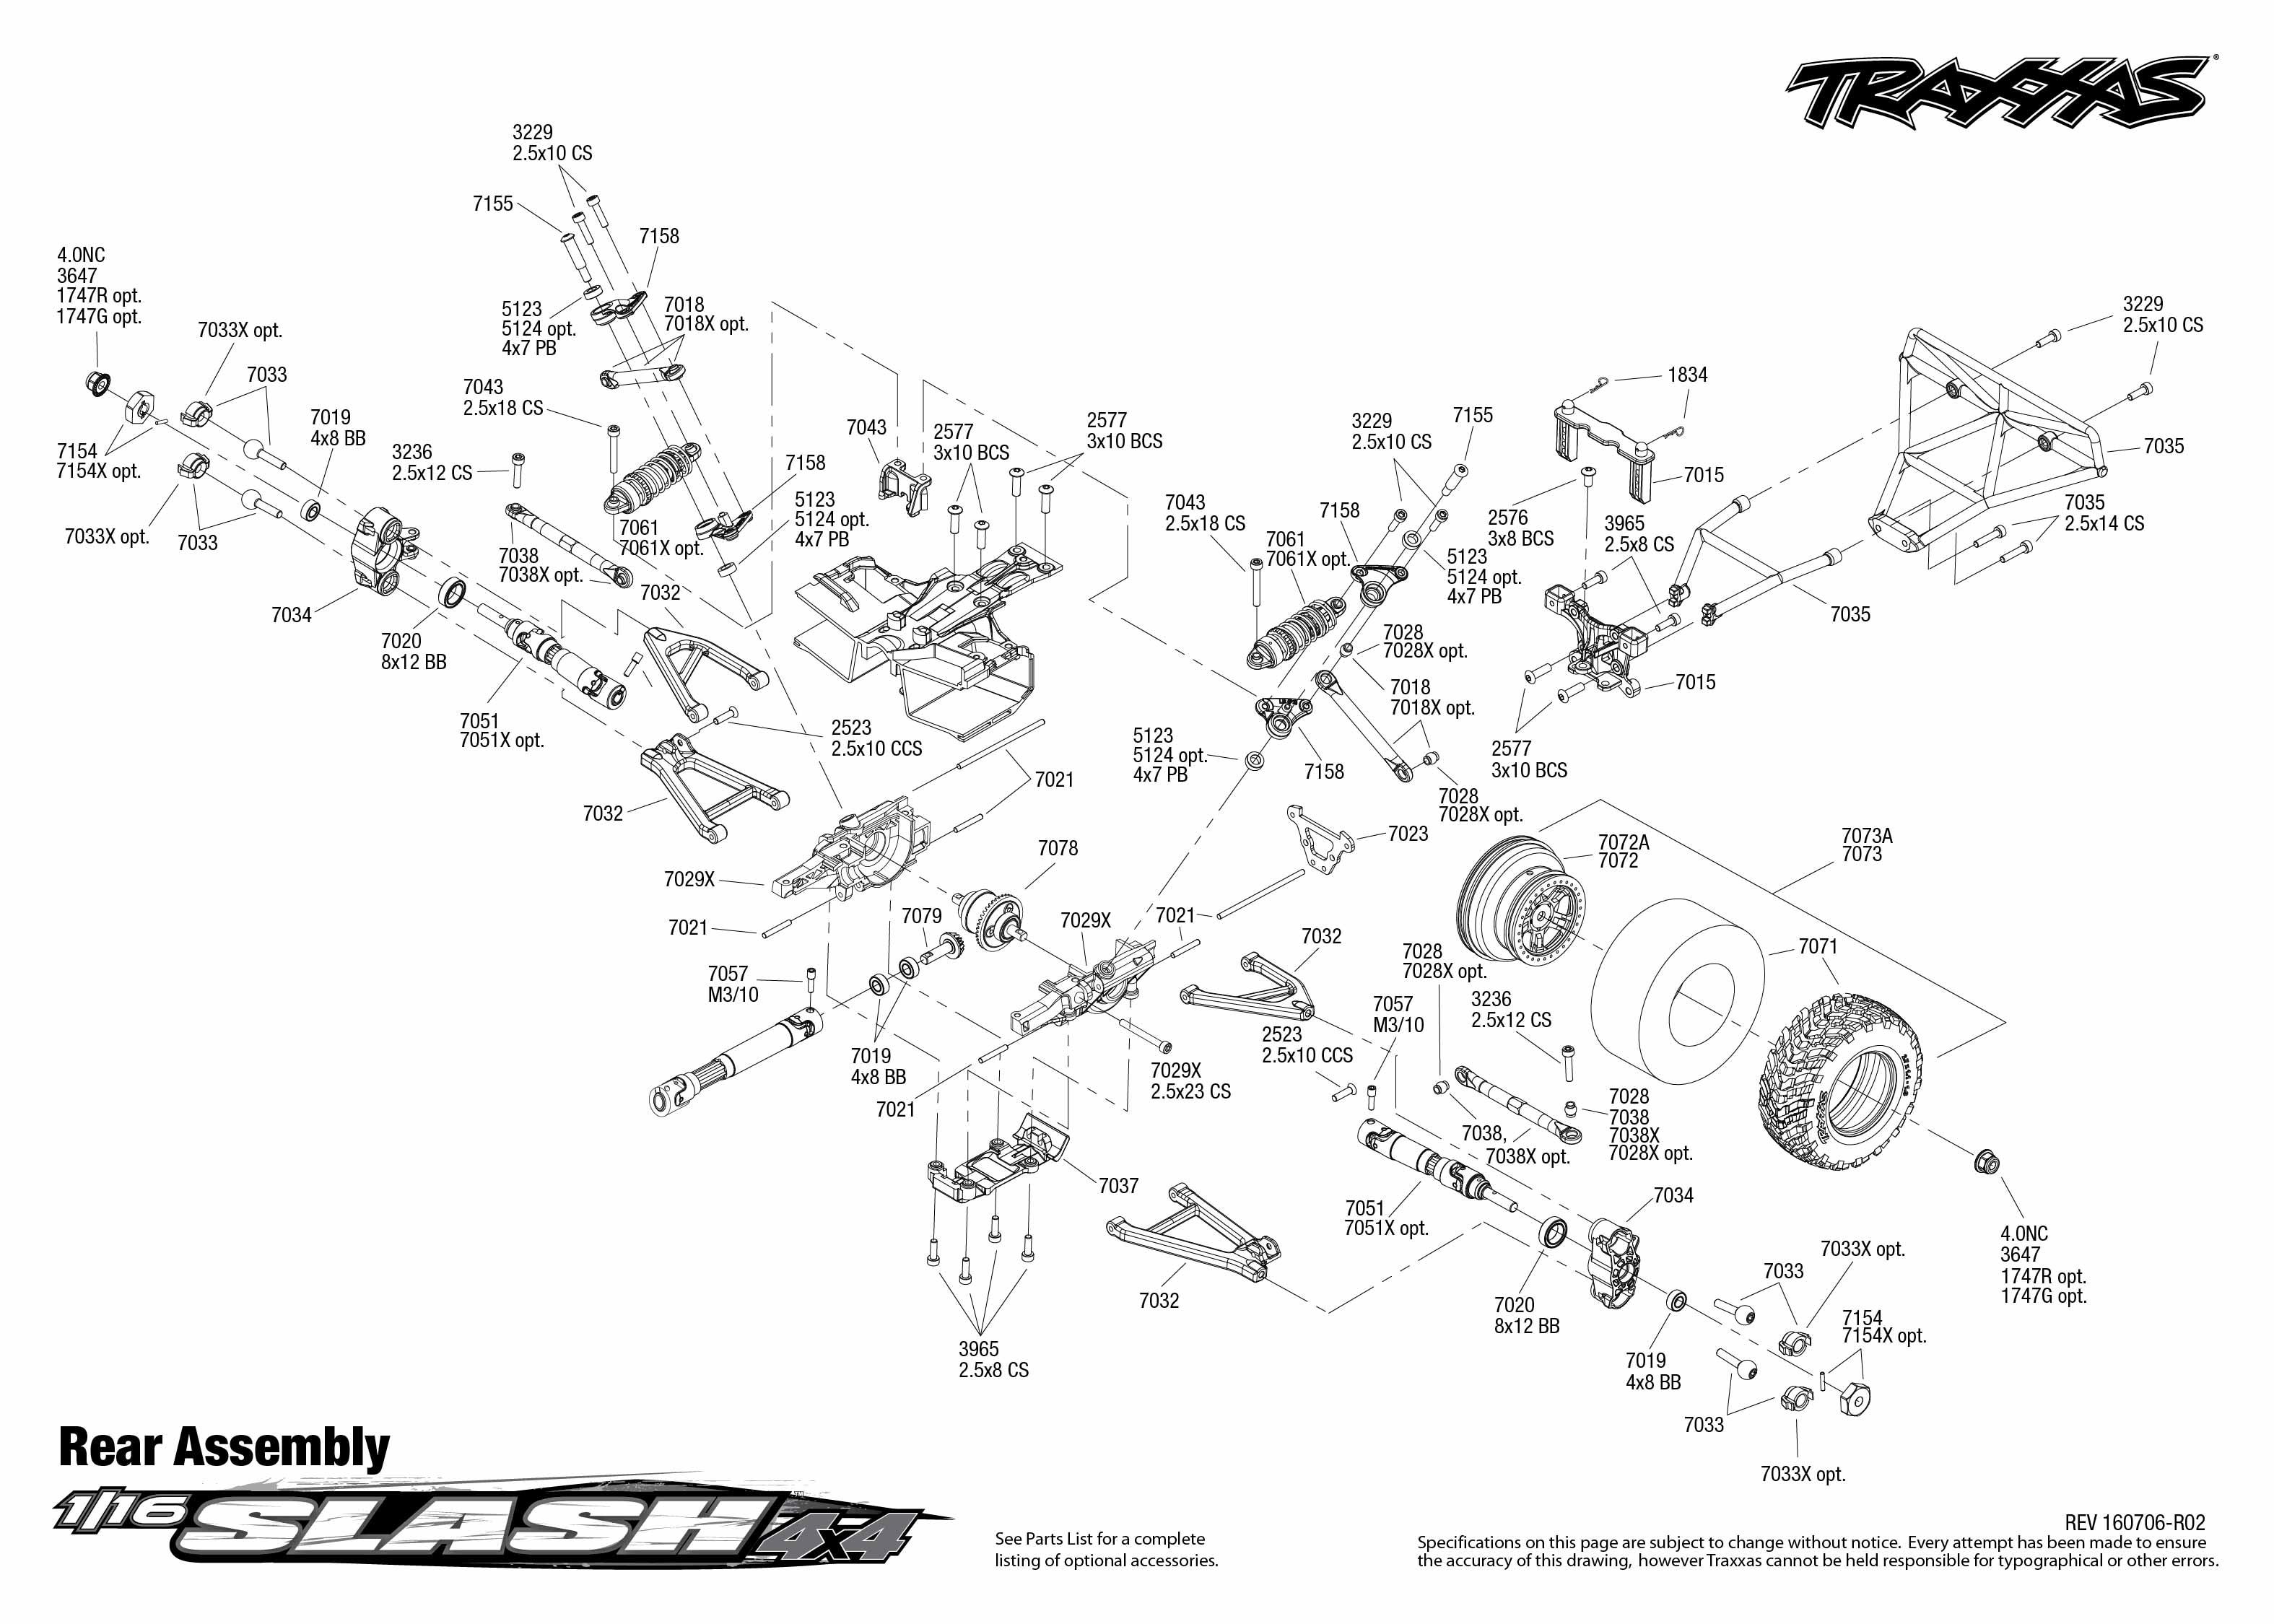 1 16 Slash 4x4 1 Rear Assembly